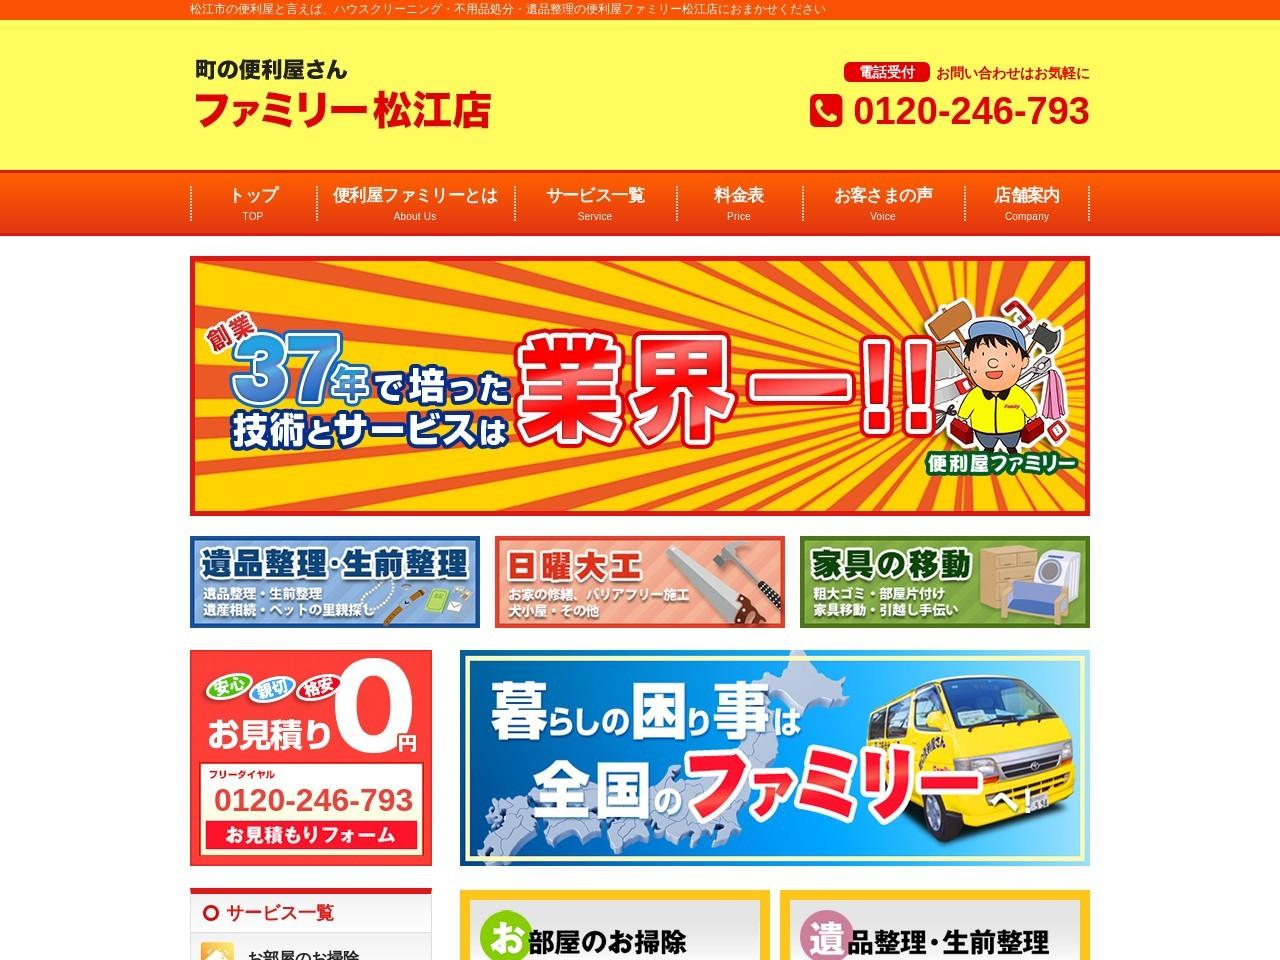 ファミリー松江店